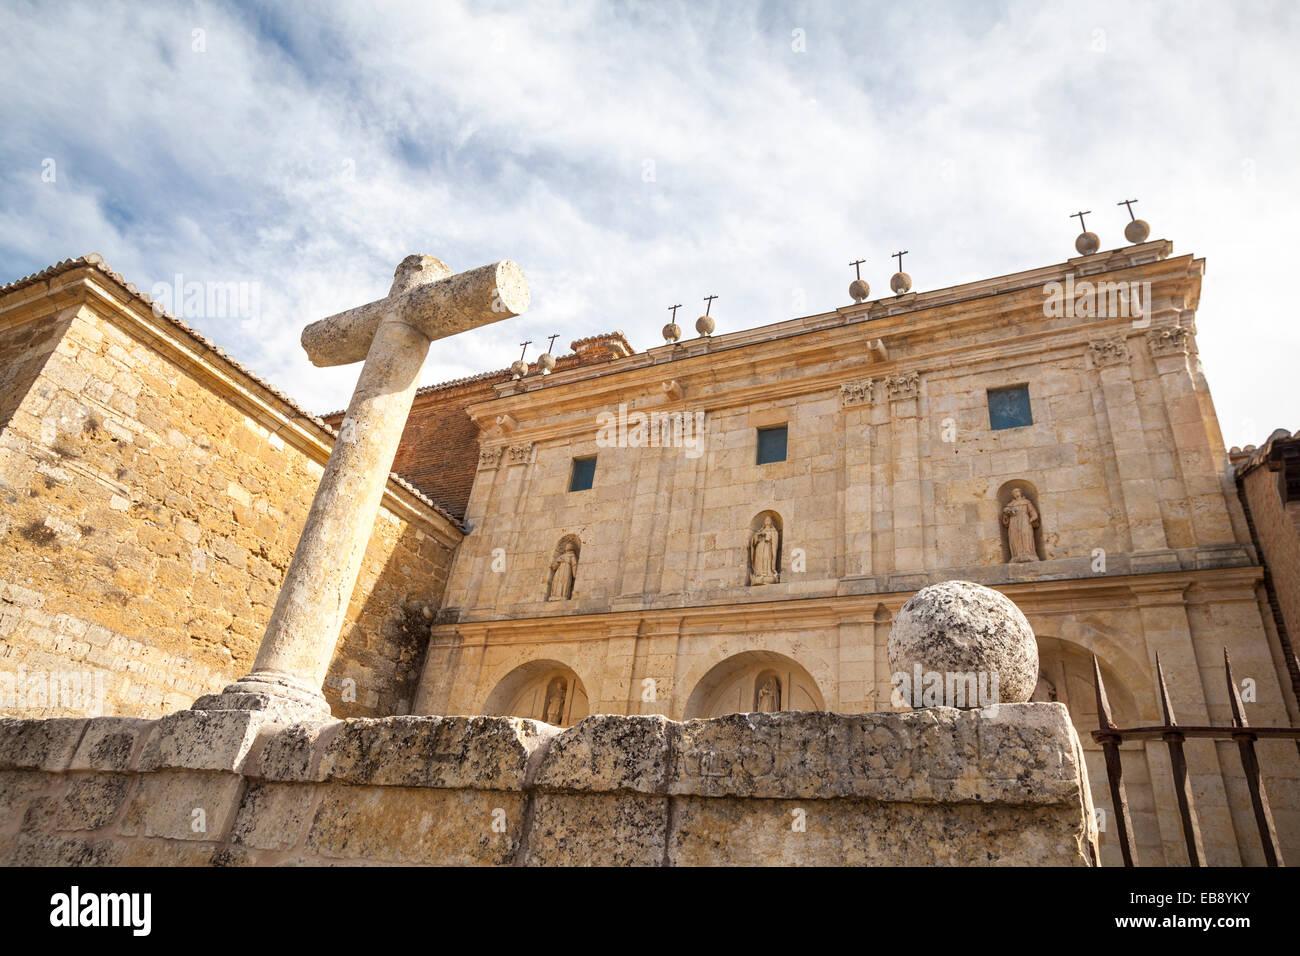 Real Monasterio de Santa Clara in Carrion de los Condes, Way of St. James, Palencia, Spain - Stock Image